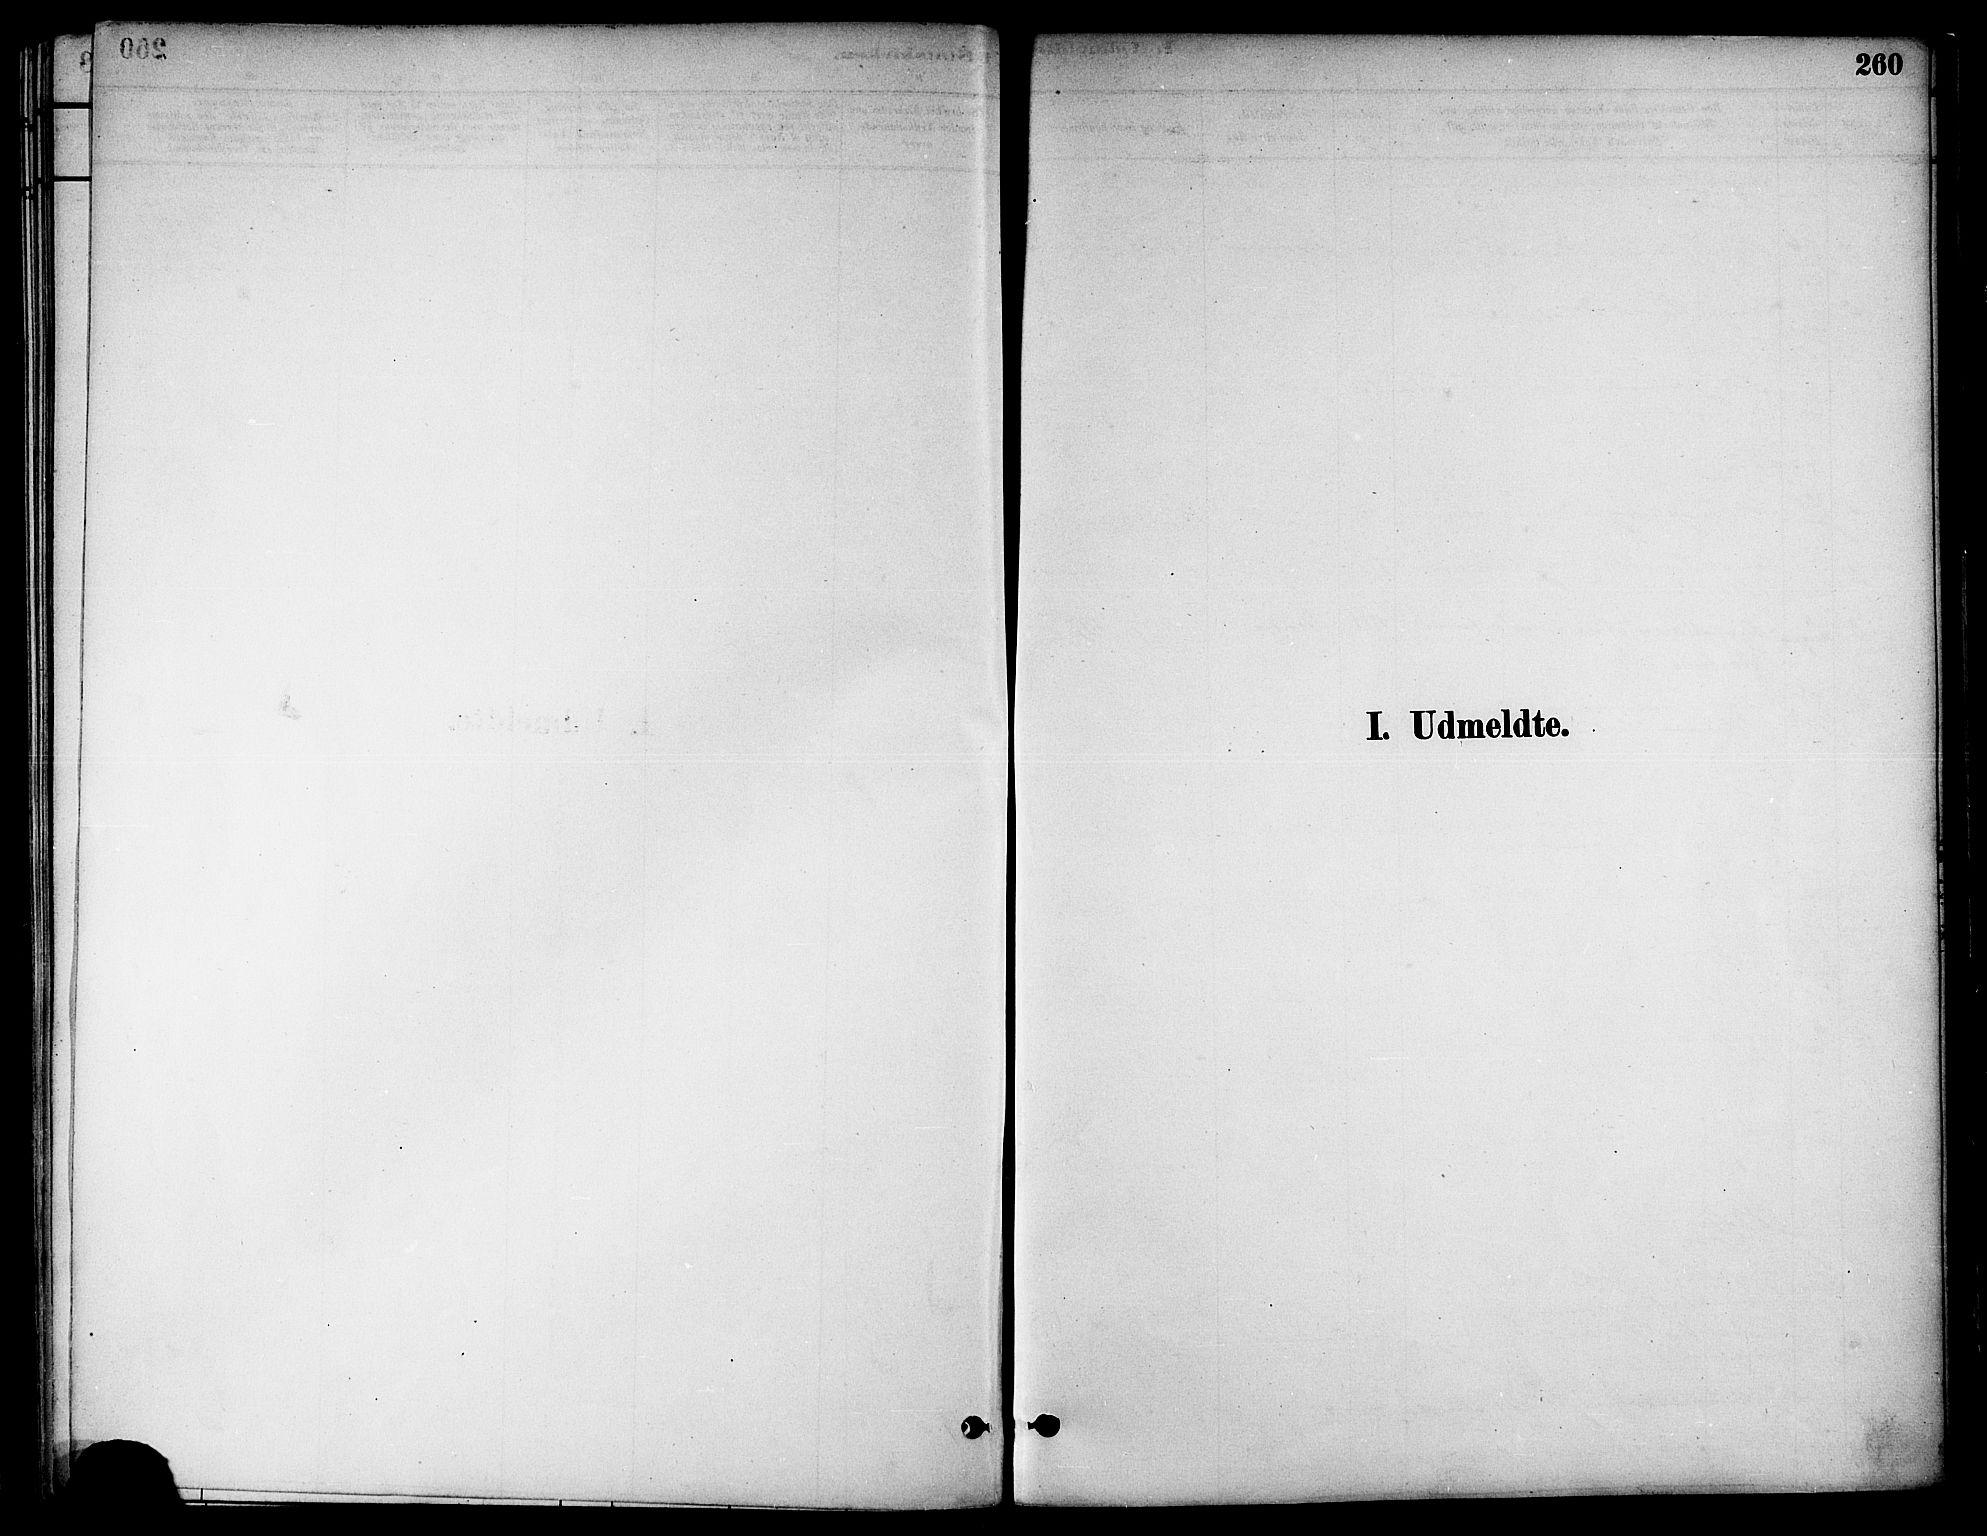 SAT, Ministerialprotokoller, klokkerbøker og fødselsregistre - Nord-Trøndelag, 739/L0371: Ministerialbok nr. 739A03, 1881-1895, s. 260